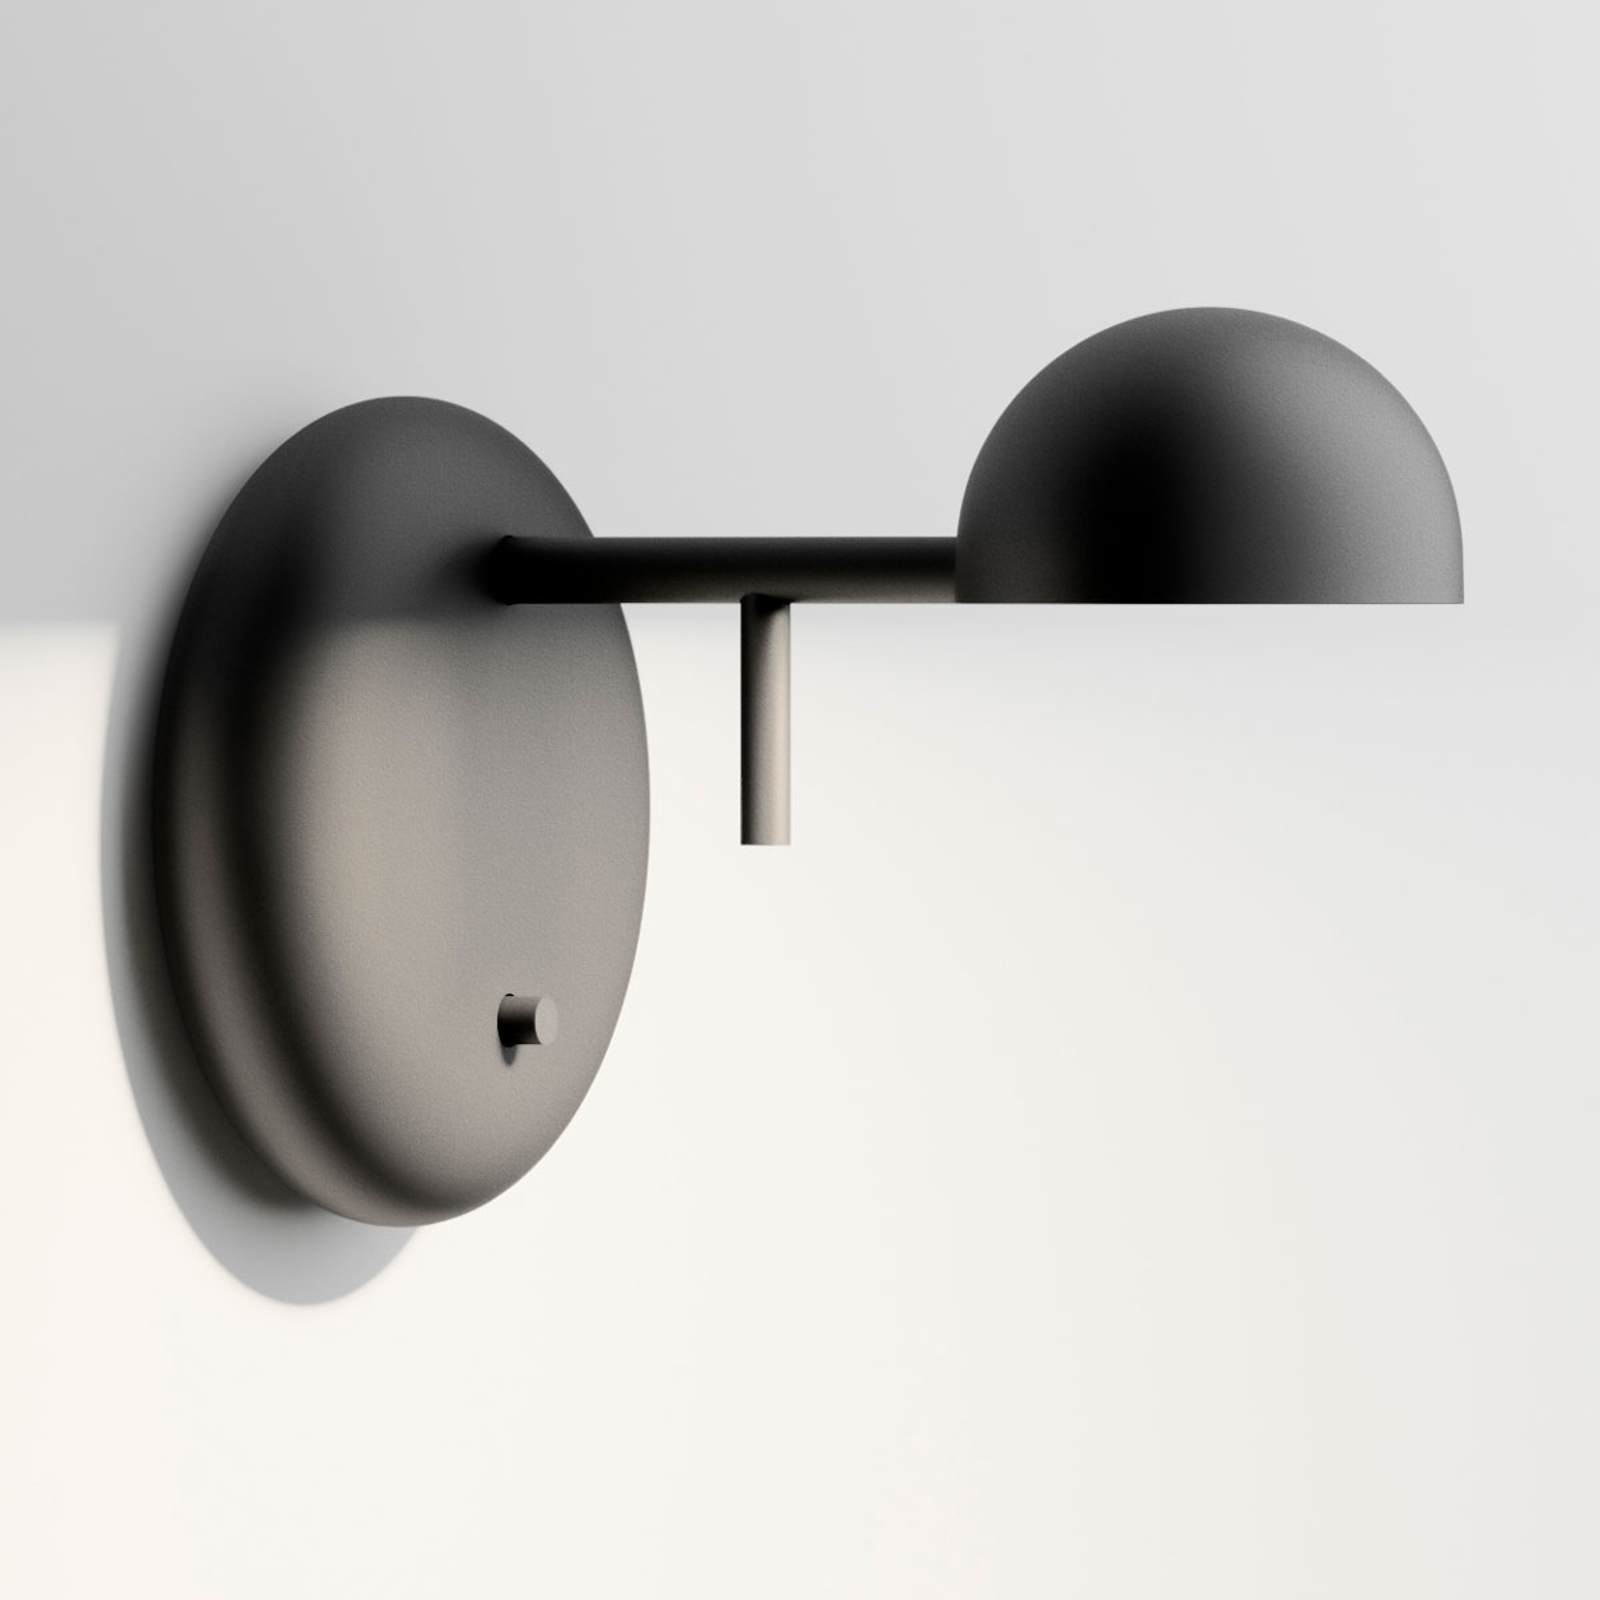 Vibia Pin 1675 applique LED, 11cm, noire